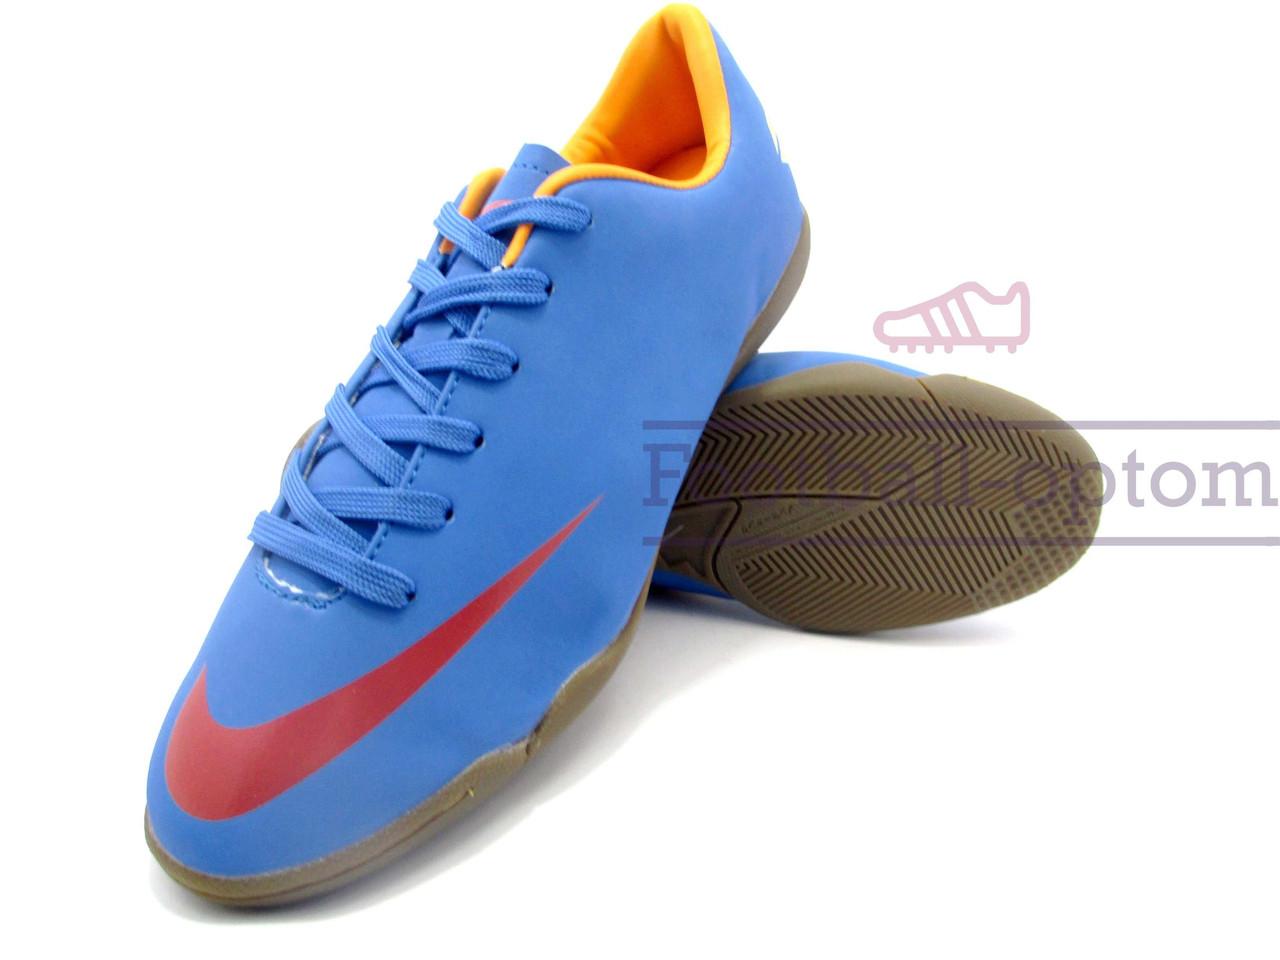 44d45453 Футзалки (бампы) Nike Mercurial\Найк Меркуриал, синие, к11405 - Футбольный  супермаркет